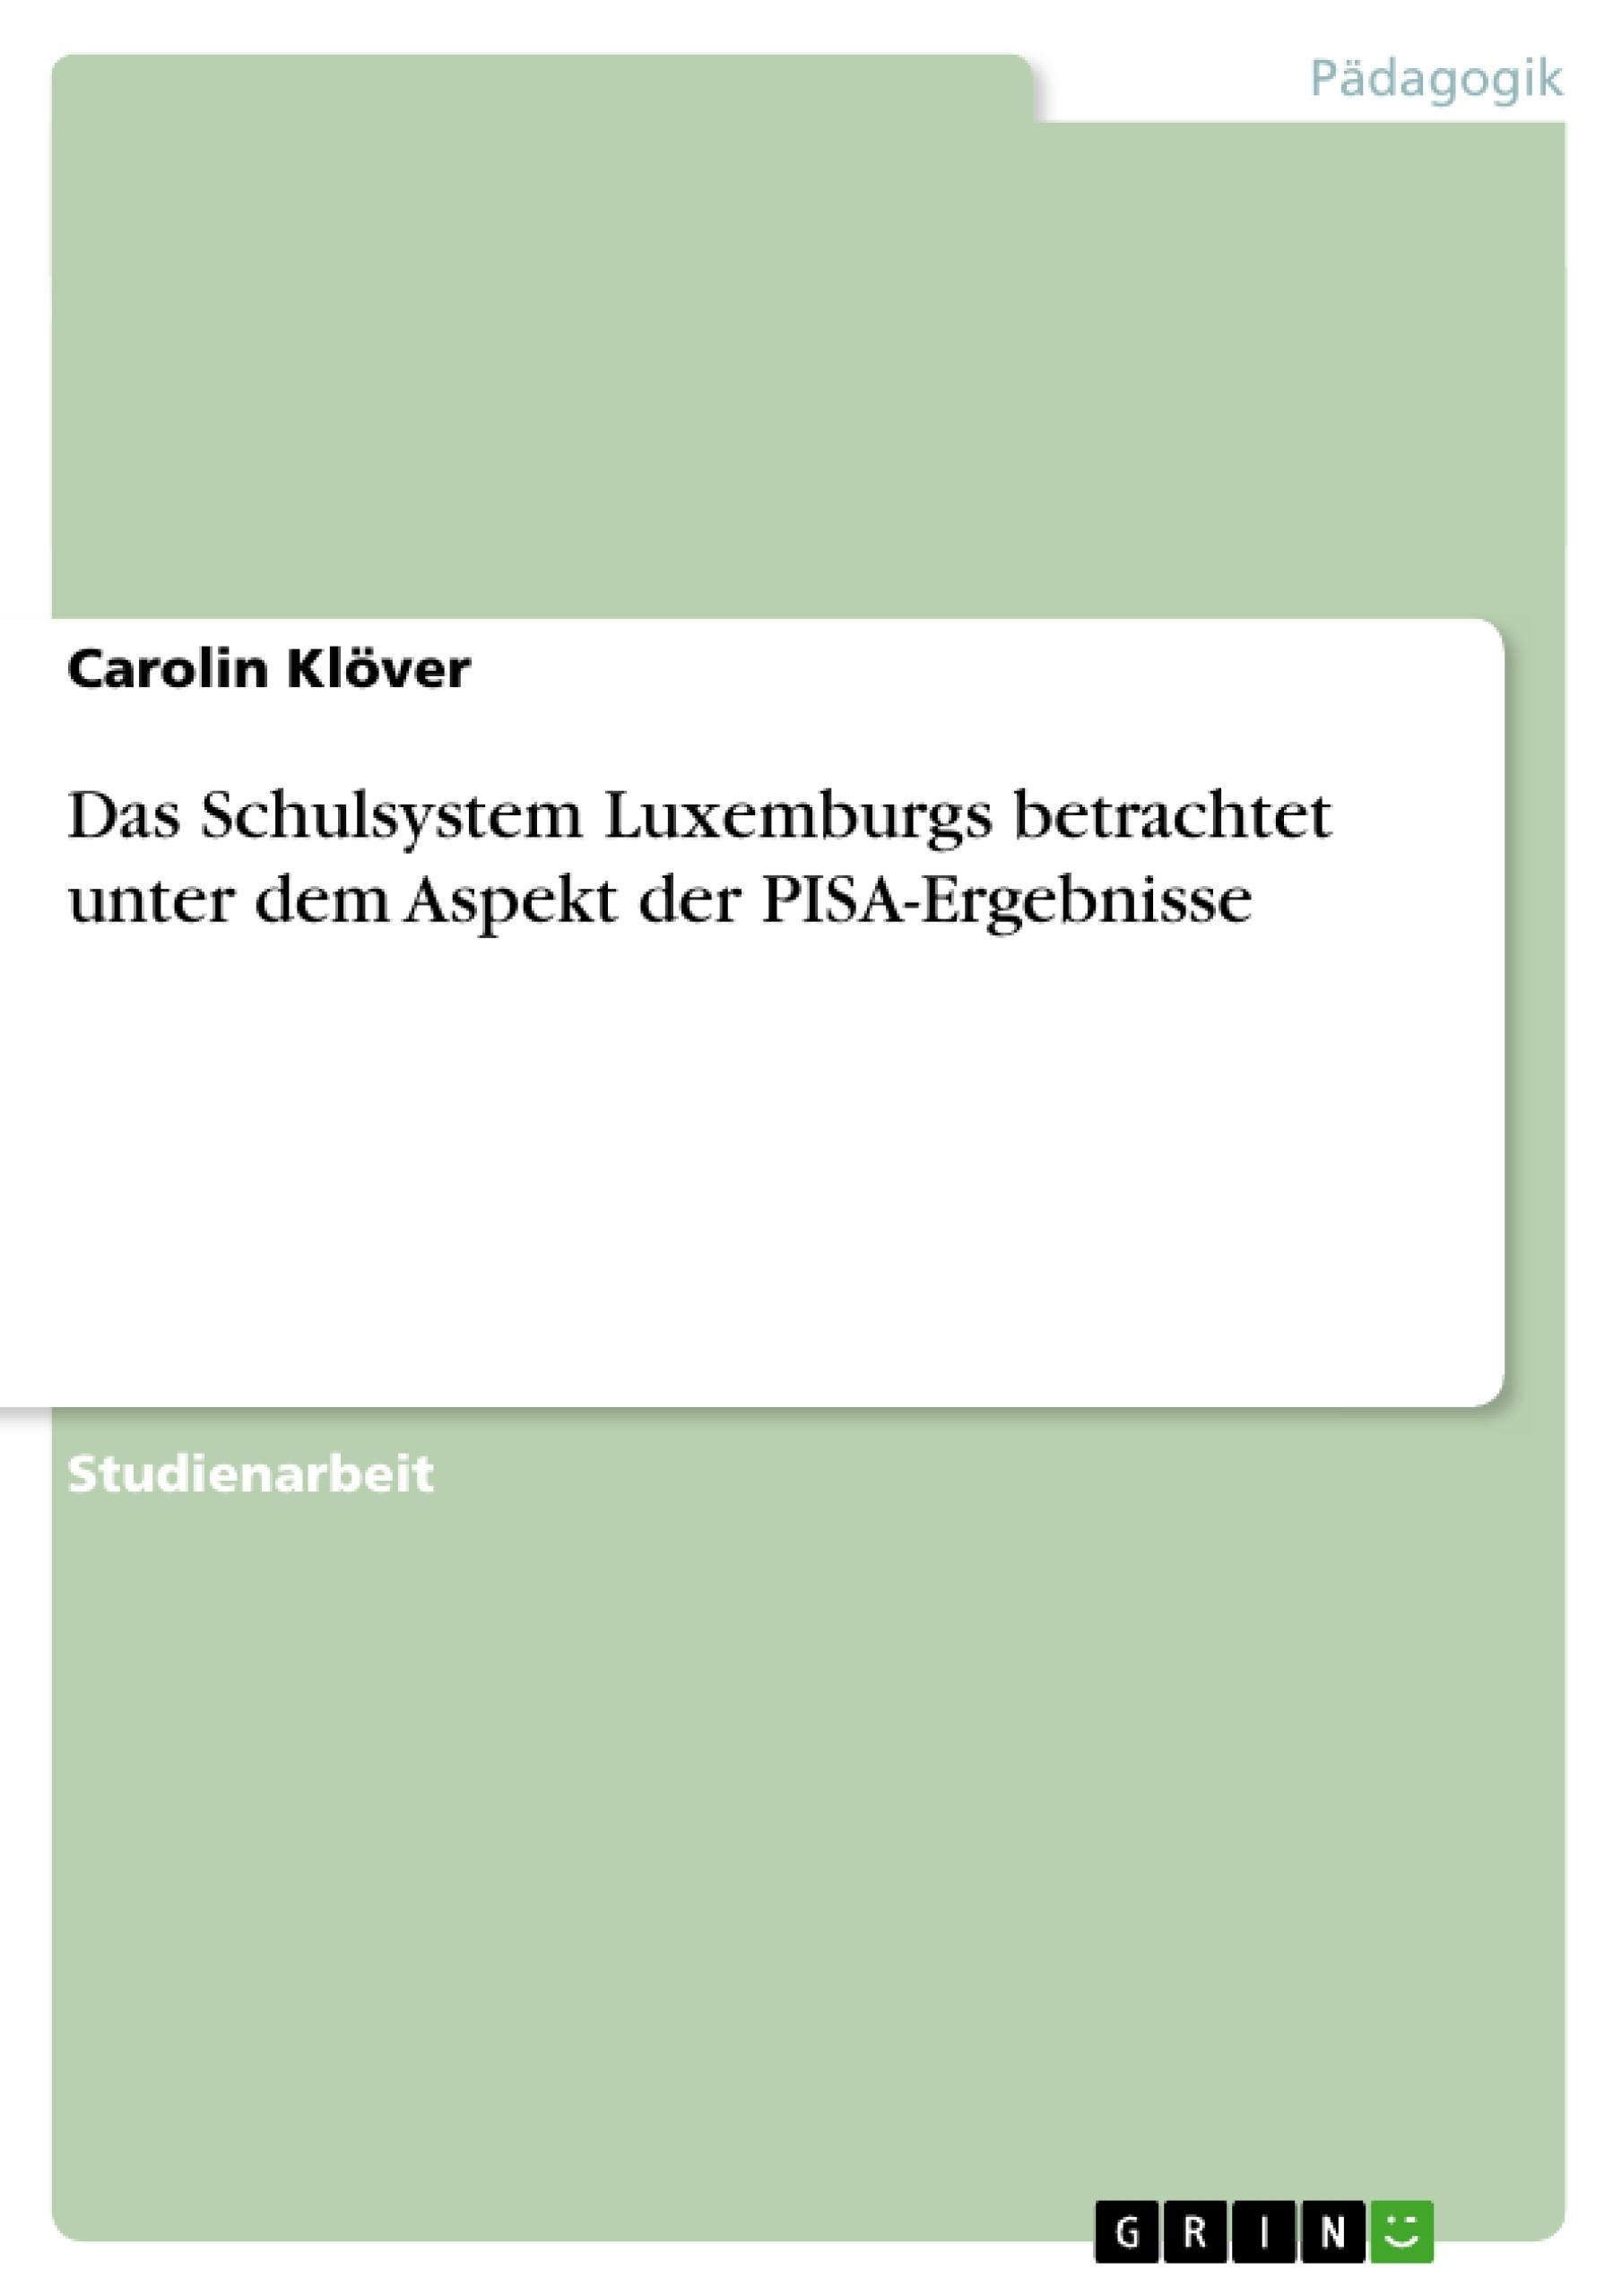 Titel: Das Schulsystem Luxemburgs betrachtet unter dem Aspekt der PISA-Ergebnisse